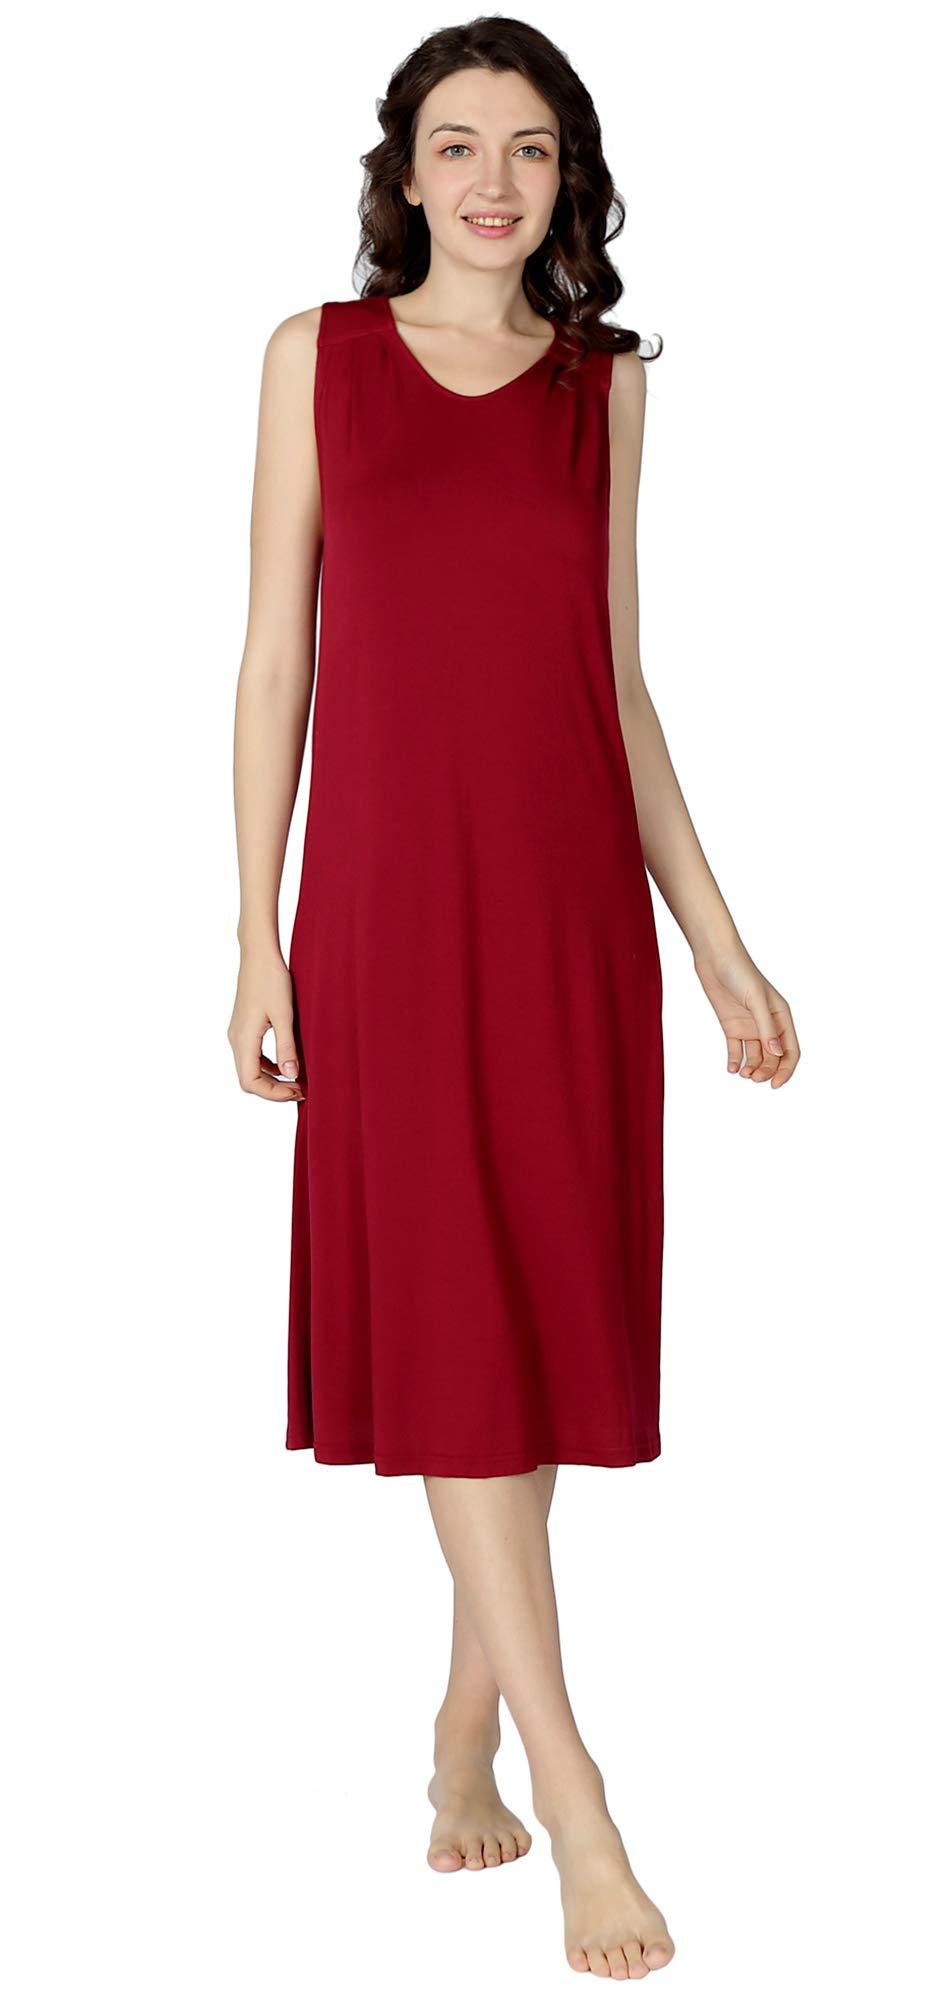 LazyCozy Womens Sleepwear Bamboo Nightshirt Soft Nightgown